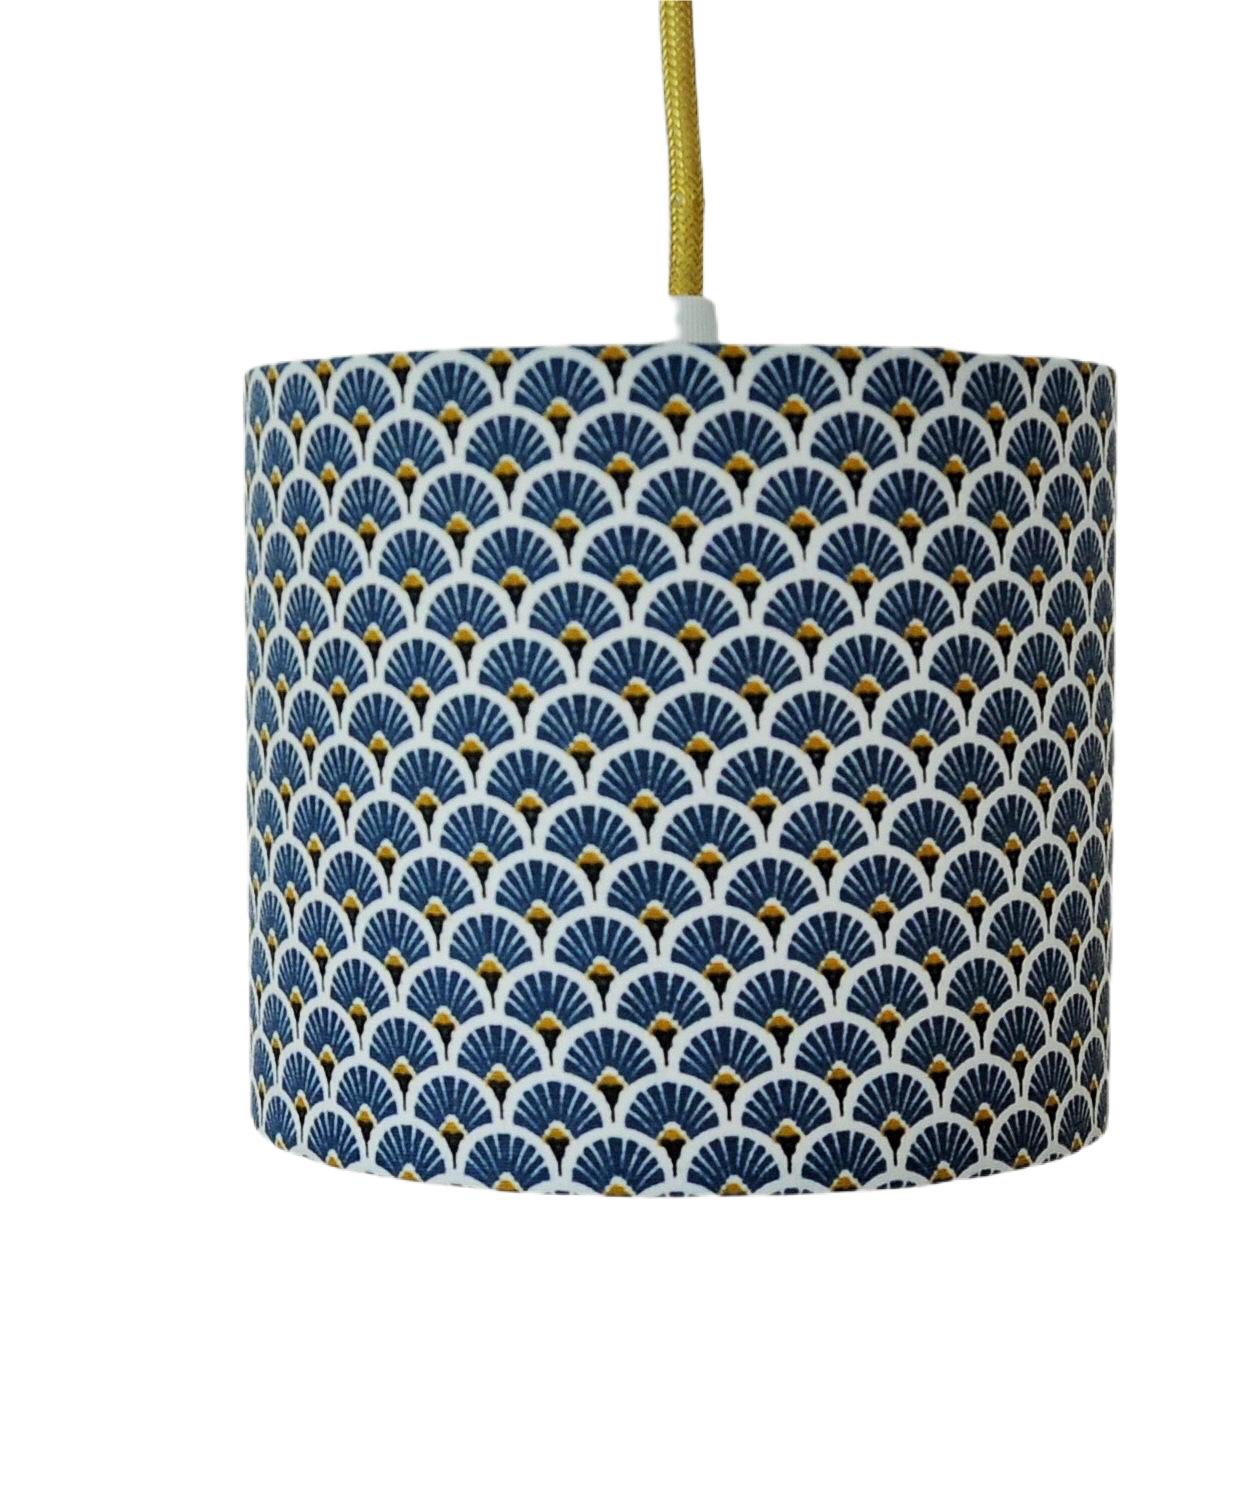 Suspension eventail bleu et or diamètre 20 cm